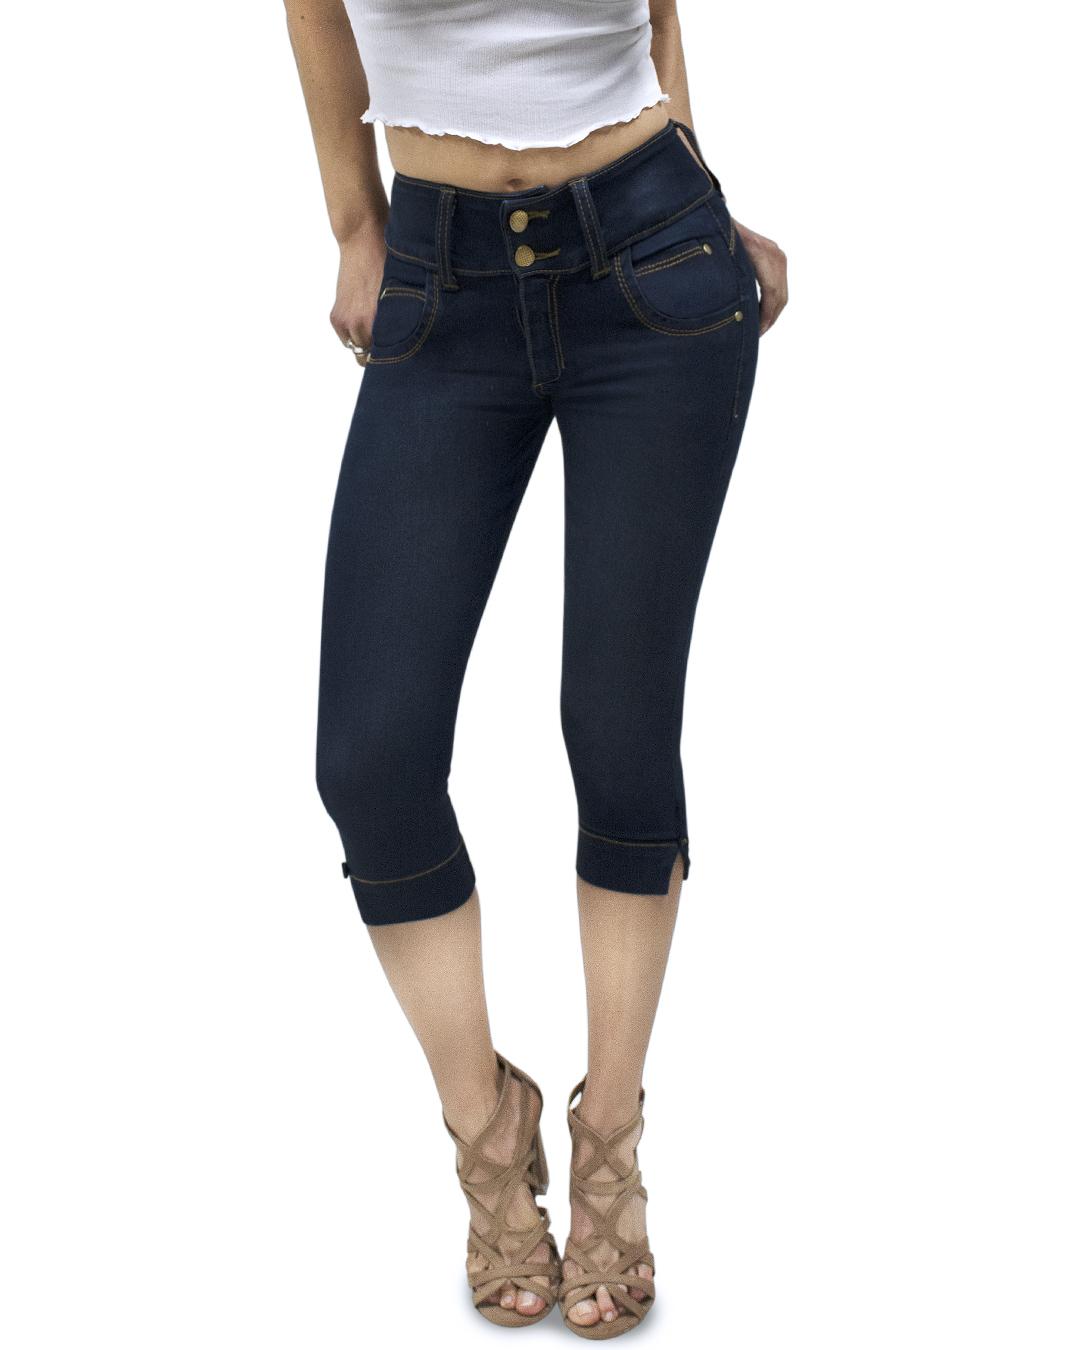 ed5016c7f5 Paris Jeans